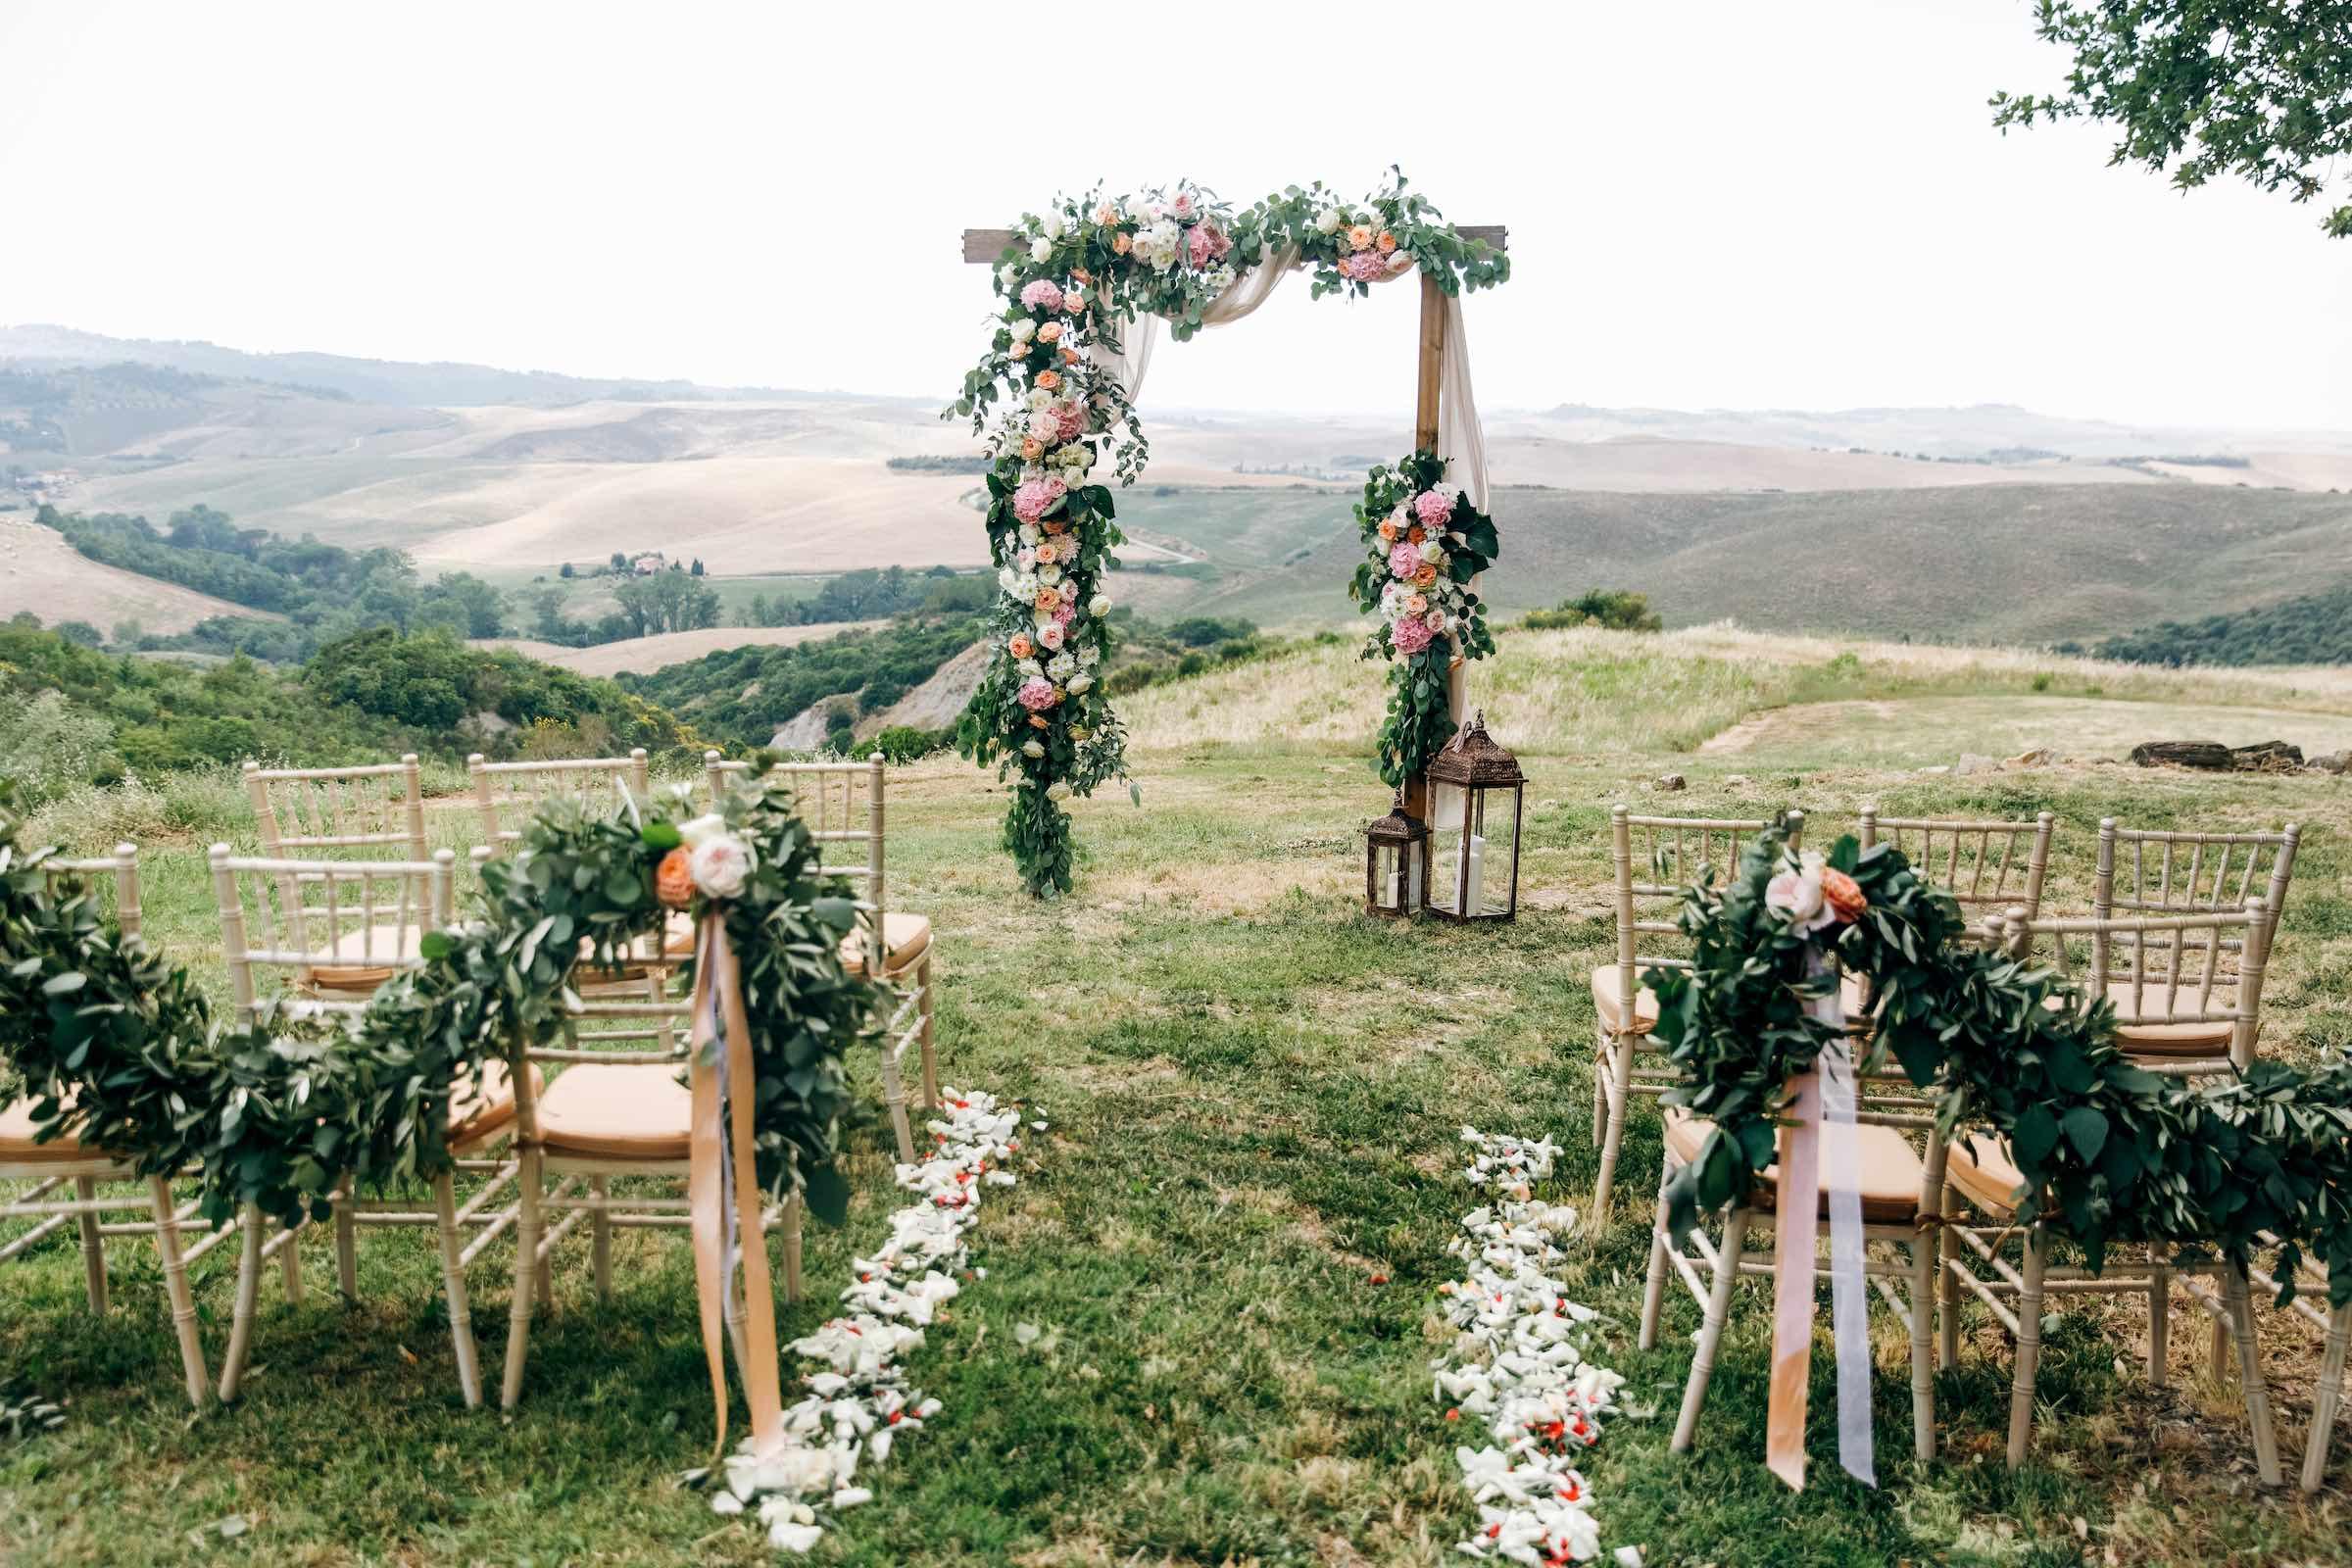 Fotograf | Hochzeit | Hameln | Hildesheim | Hannover | Celle | Peine | Fotograf | Braunschweig | Hochzeit | Hochzeitsfotografie | Hochzeitsreportage | Fotografie | Buchen | Mieten | Lehmann | Eventservice